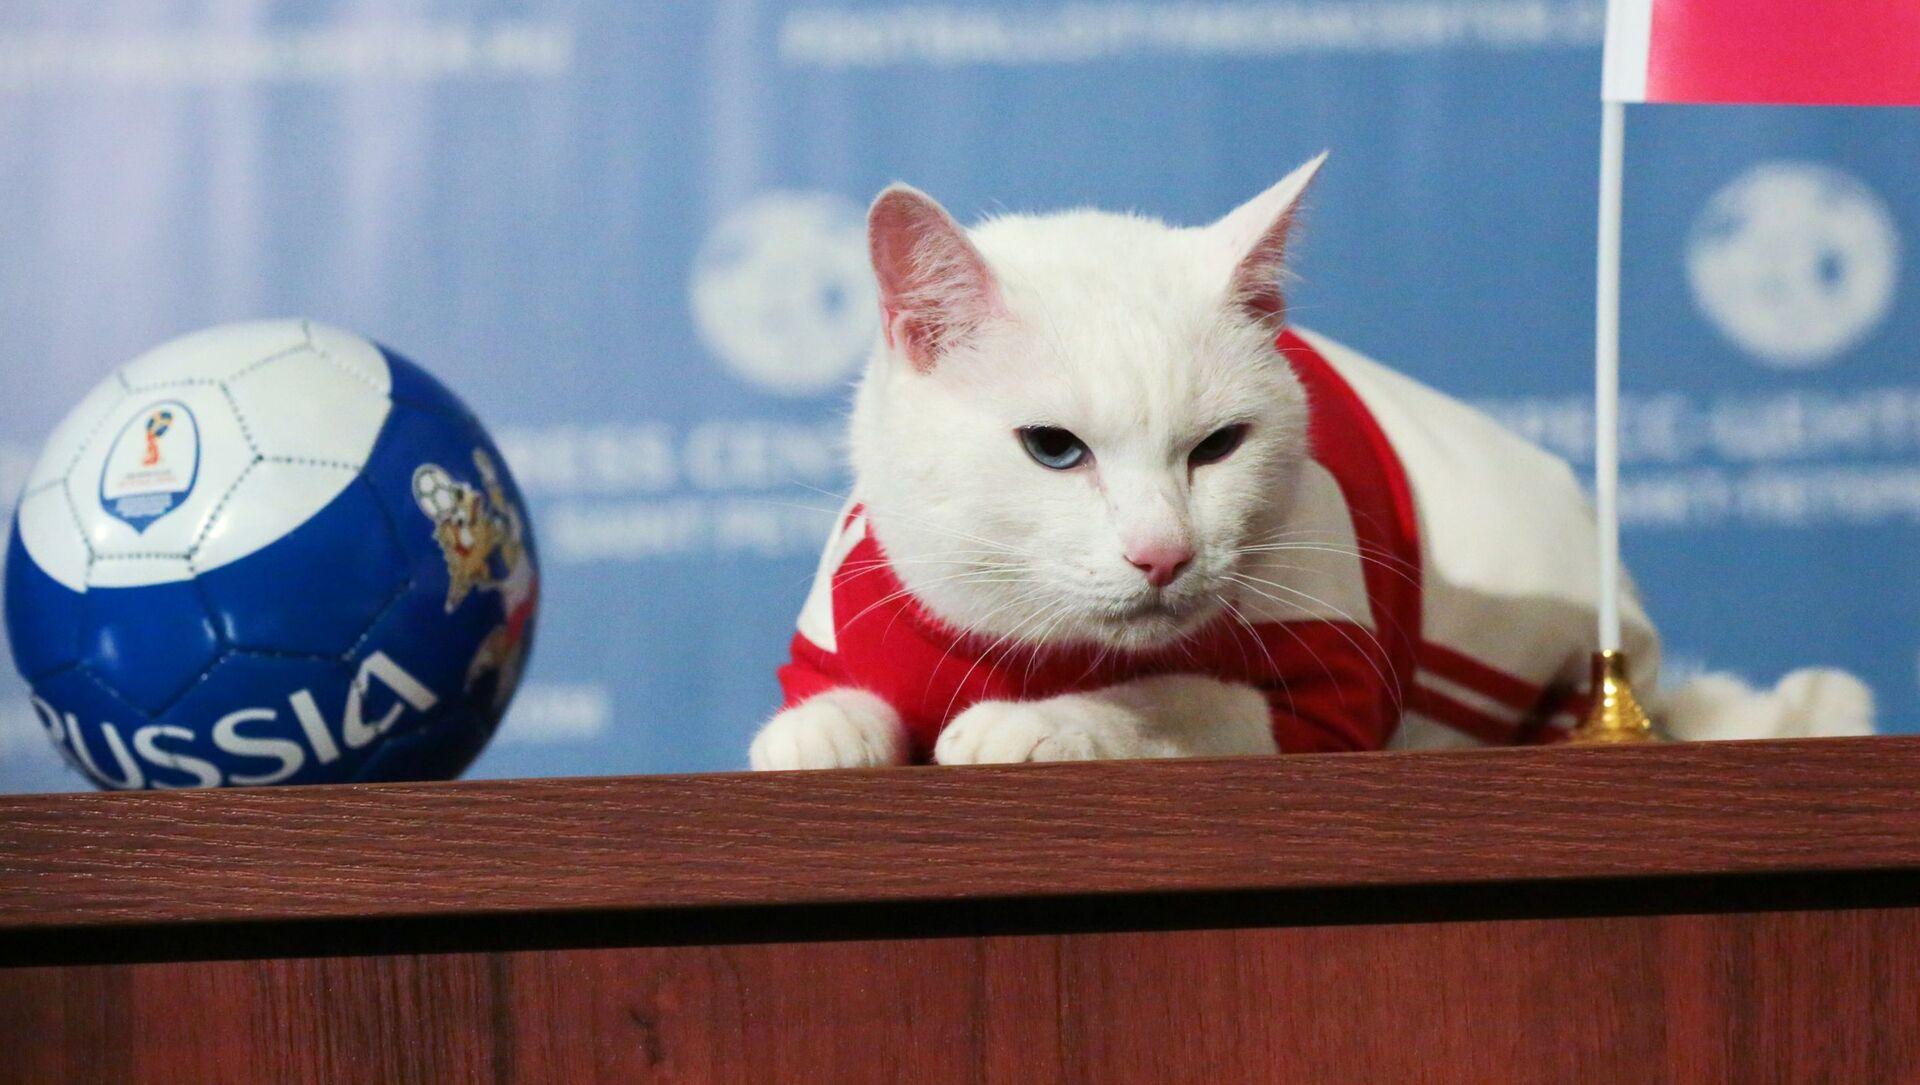 Mèo Achilles dự đoán chiến thắng của đội tuyển quốc gia Nga trước Ả Rập Saudi trong trận mở màn World Cup FIFA 2018. - Sputnik Việt Nam, 1920, 24.05.2021